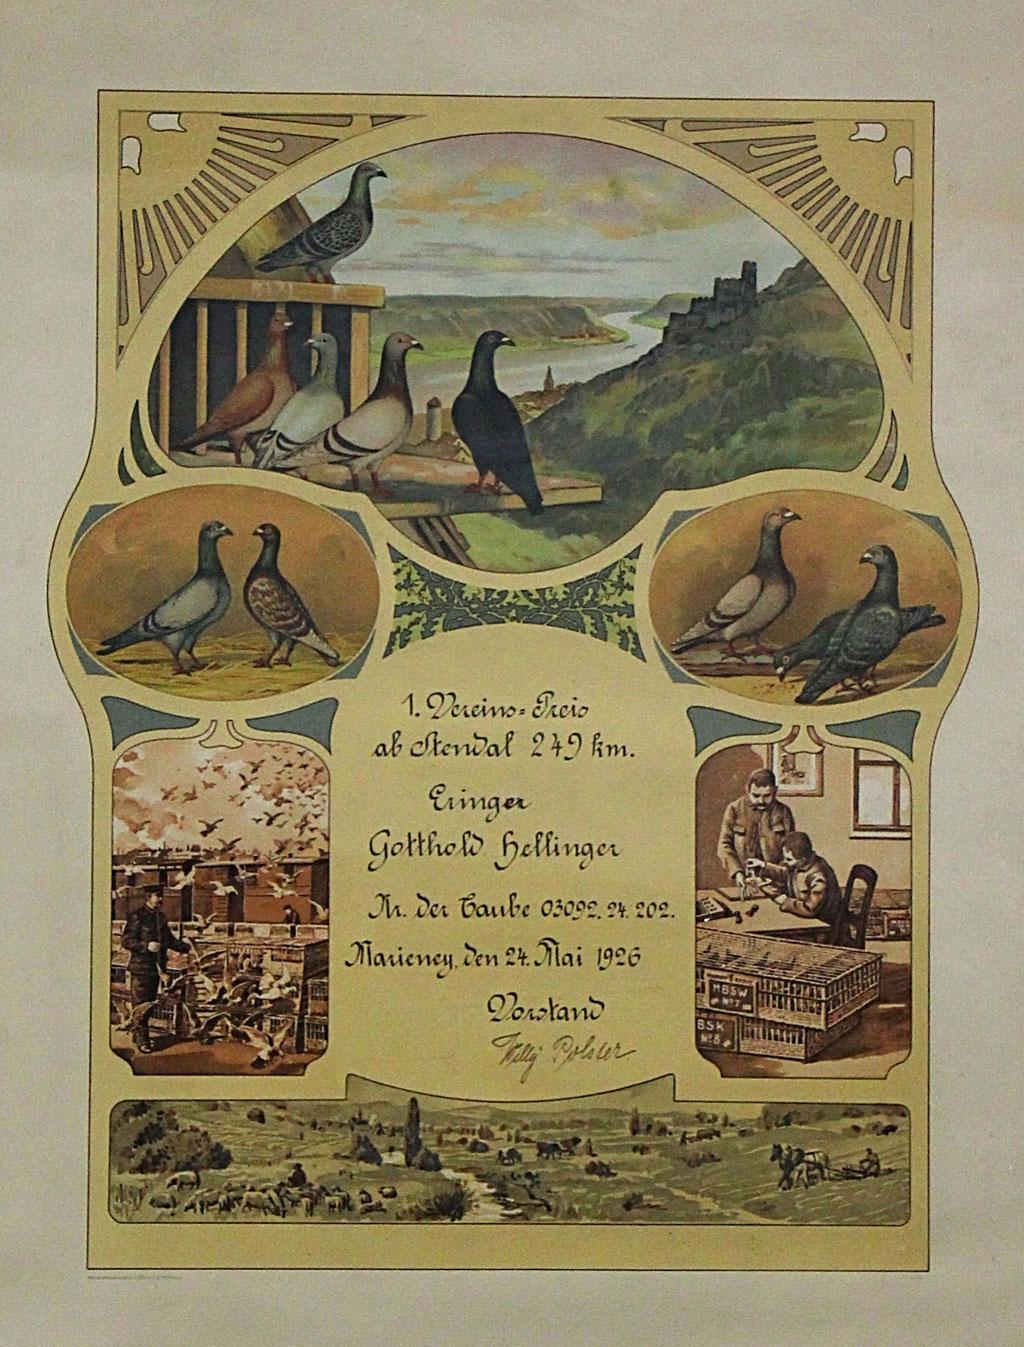 1. Preis im Verein vom Flug ab Stendal im Jahr 1926